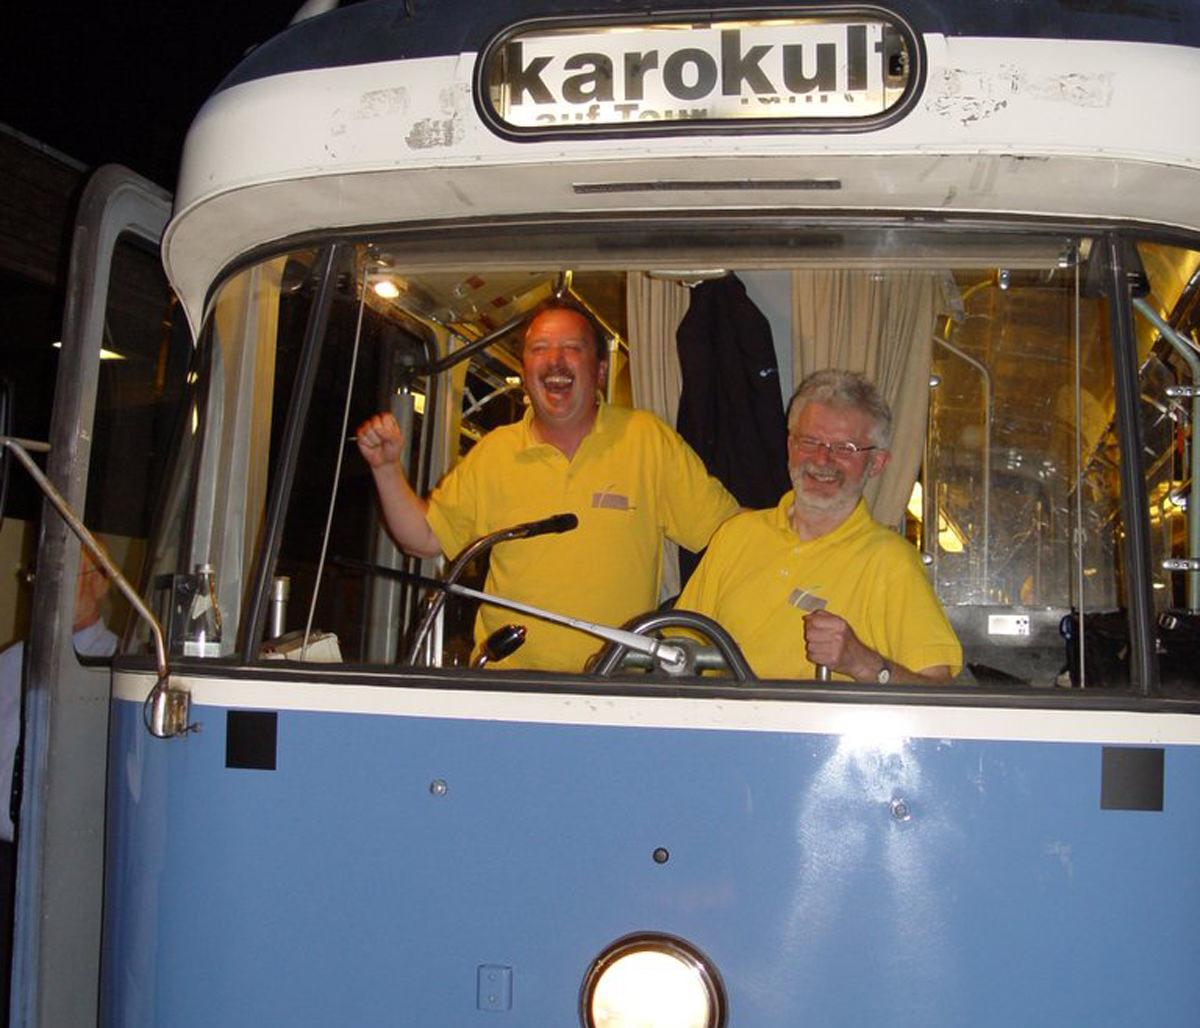 karokult Party-Tram - mit der Tram durch München